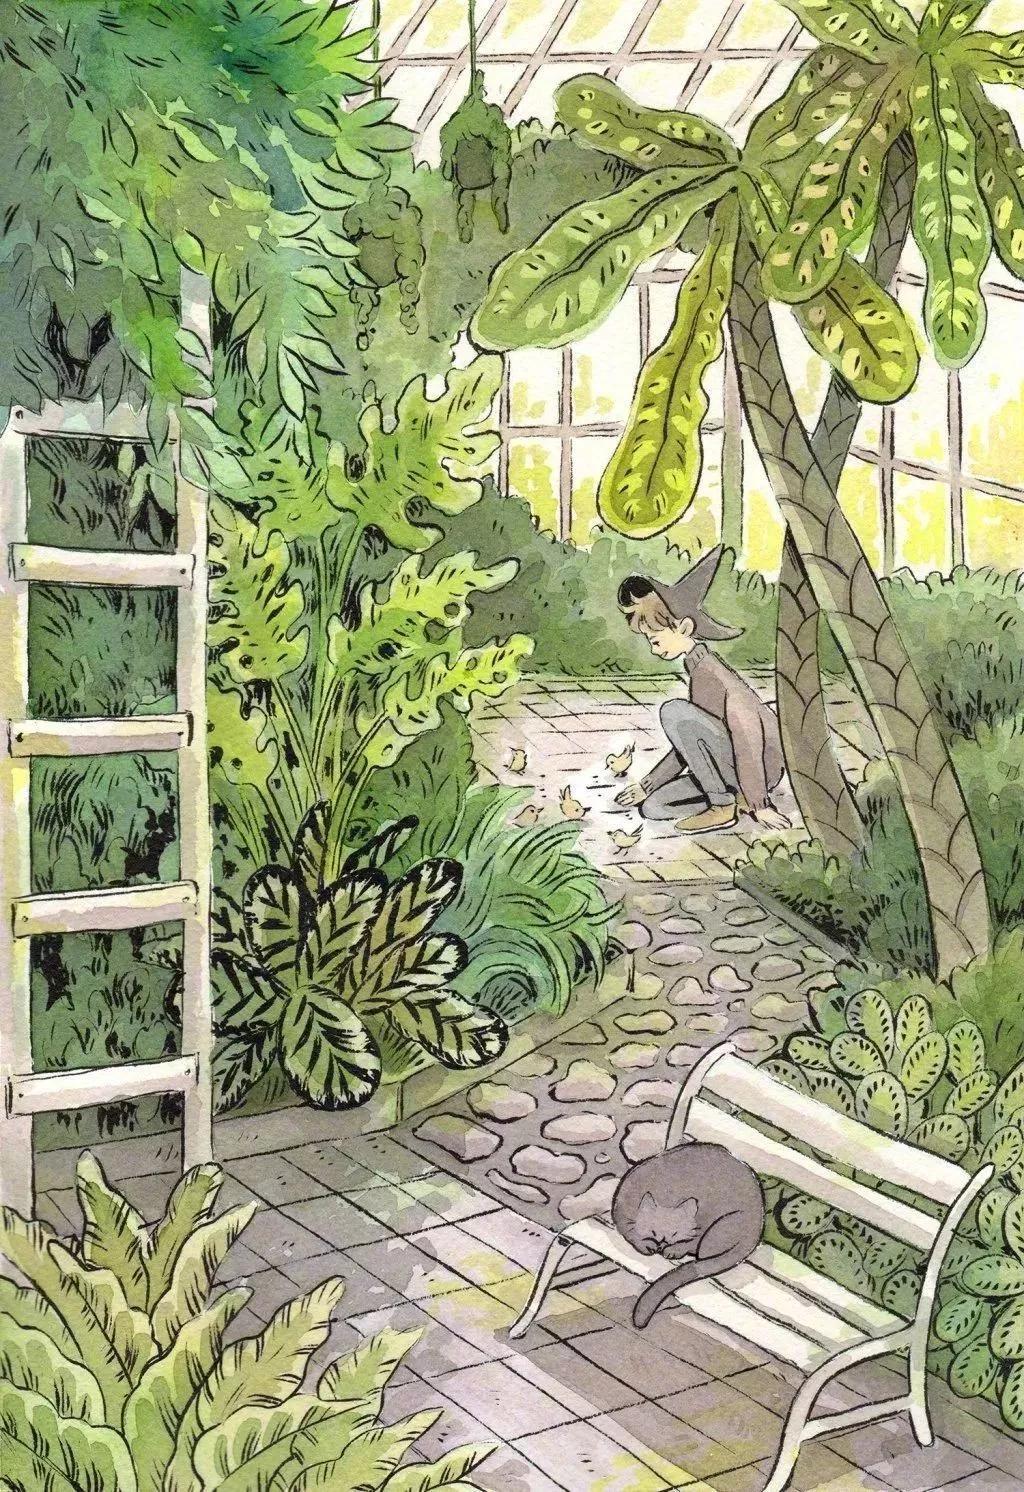 """圈粉百万的""""北欧宫崎骏"""",她的插画实在是太治愈人心了!"""